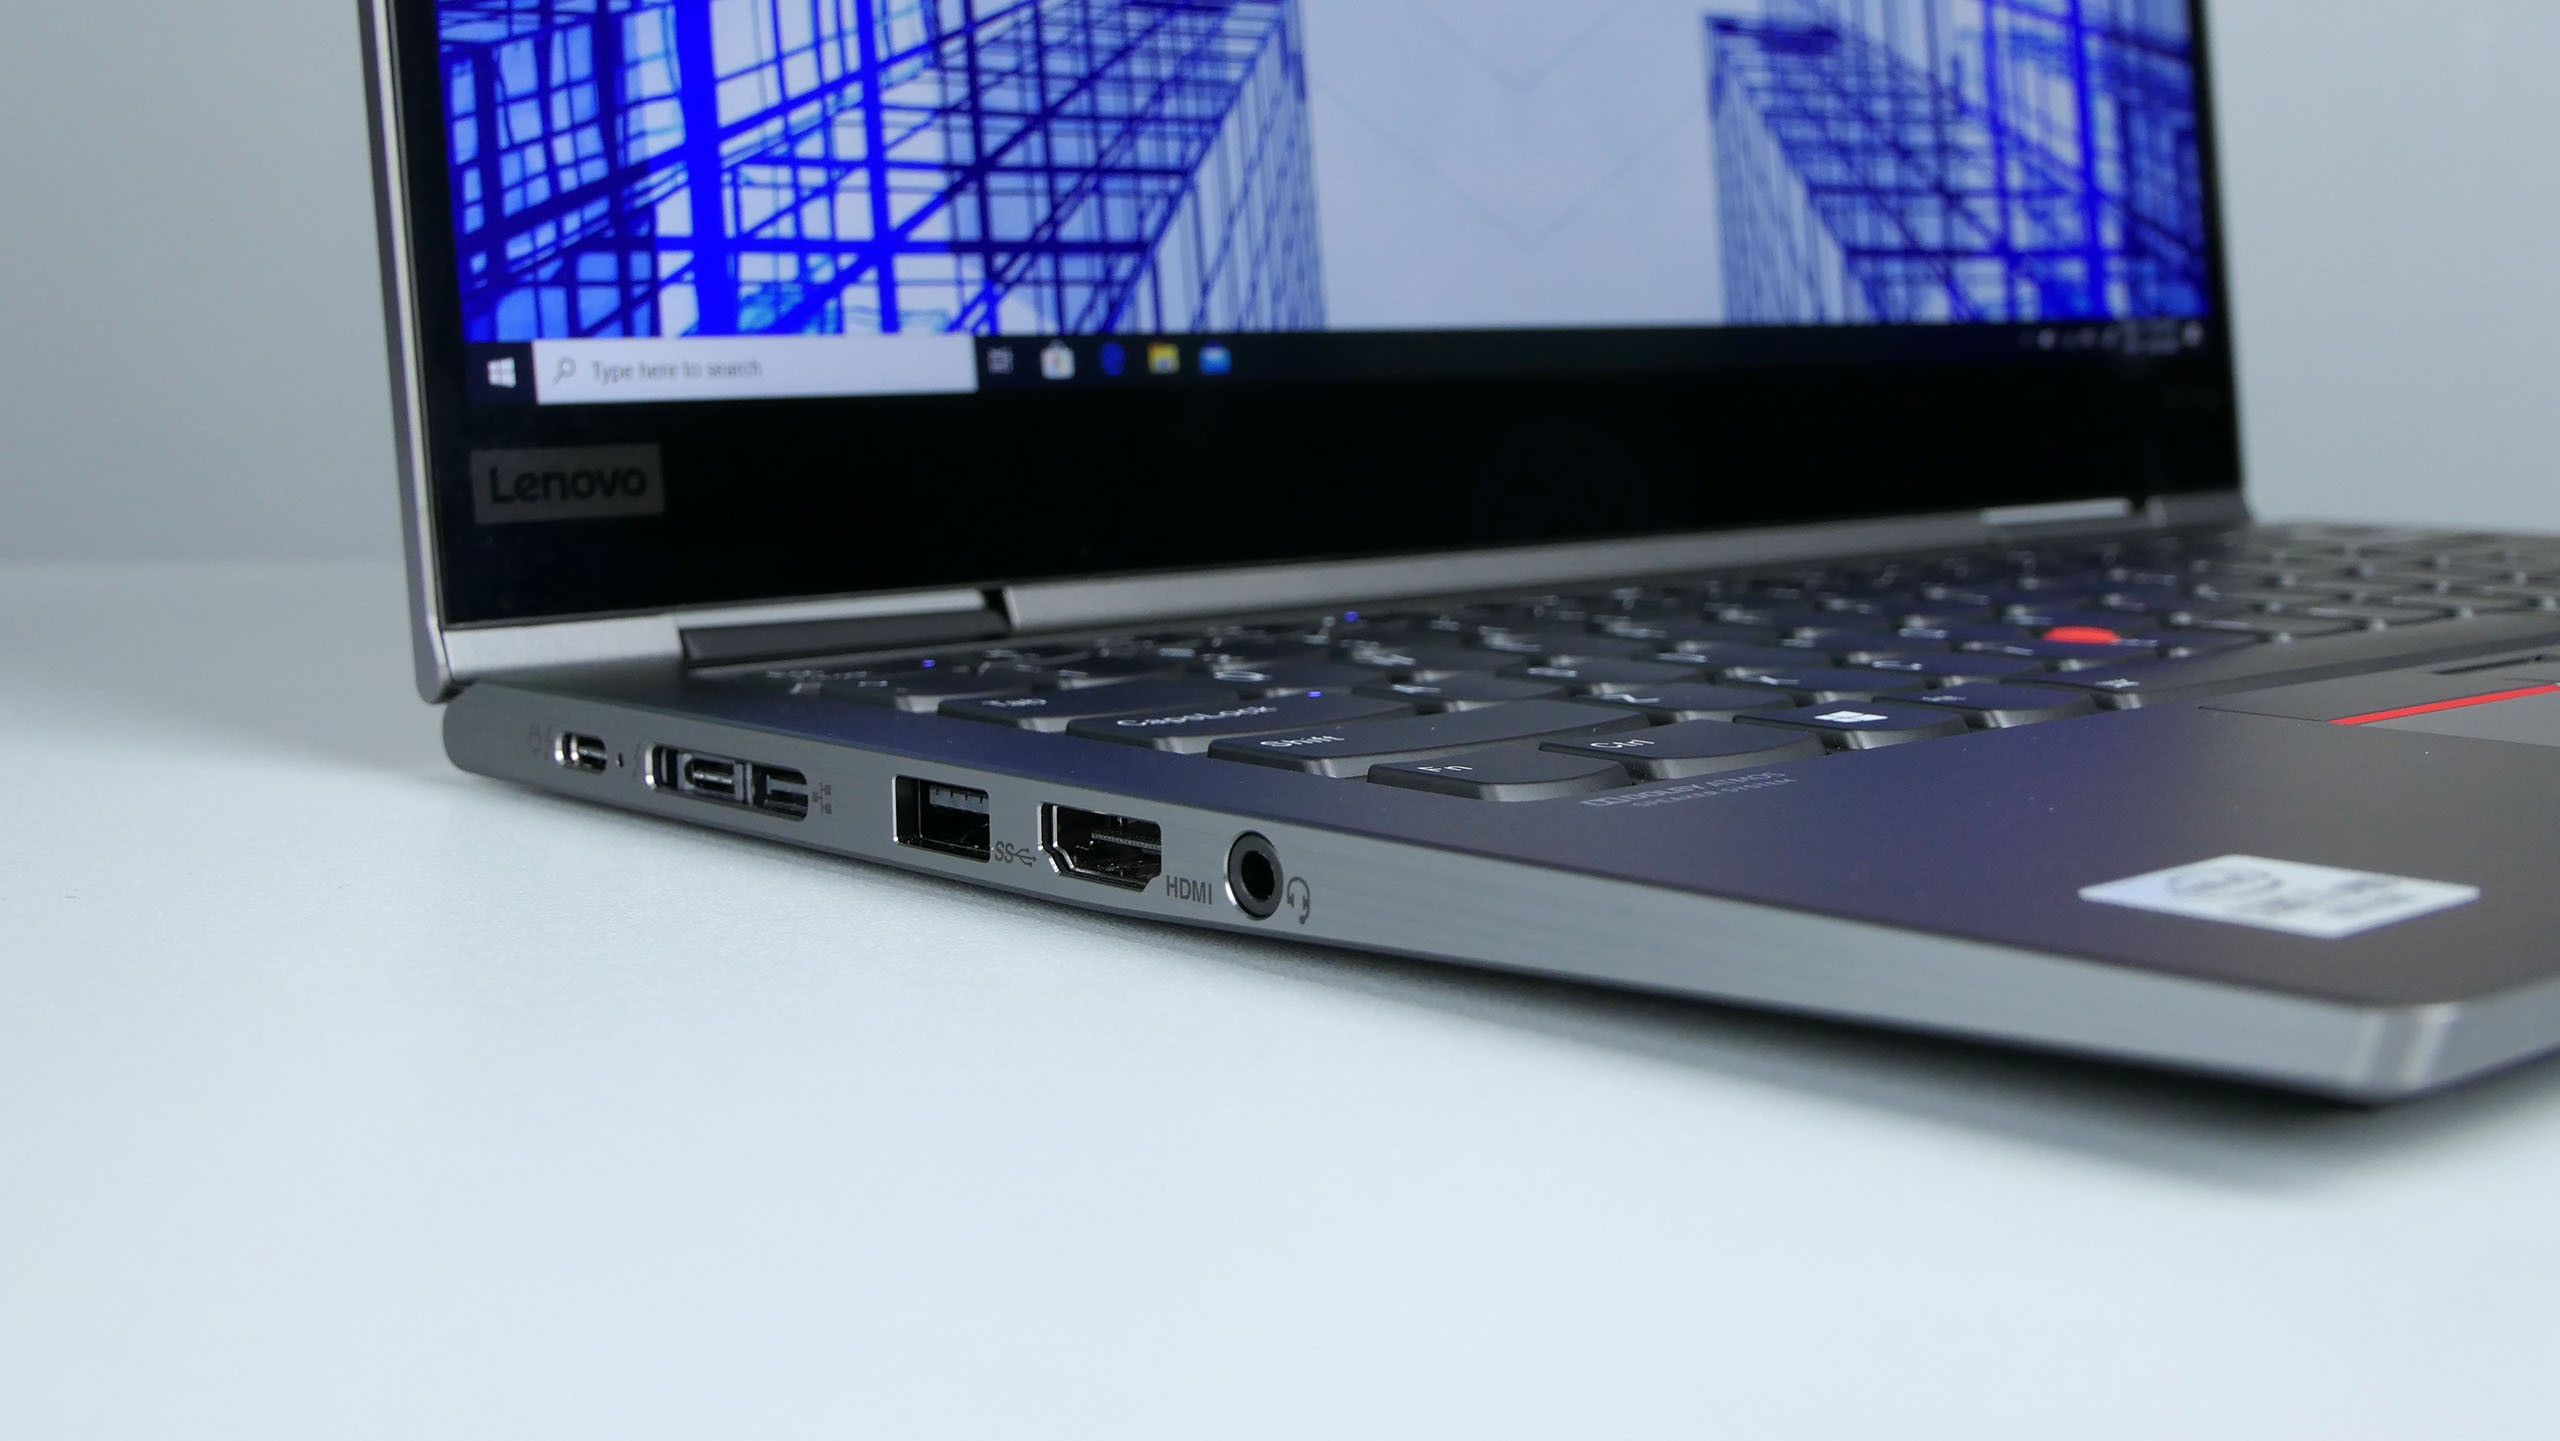 Lenovo ThinkPad X1 Yoga 5th gen - gniazda zlewej strony: Thunderbolt 3, złącze dokowania (Thunderbolt 3+mini-LAN, USB 3.0, HDMI, audio